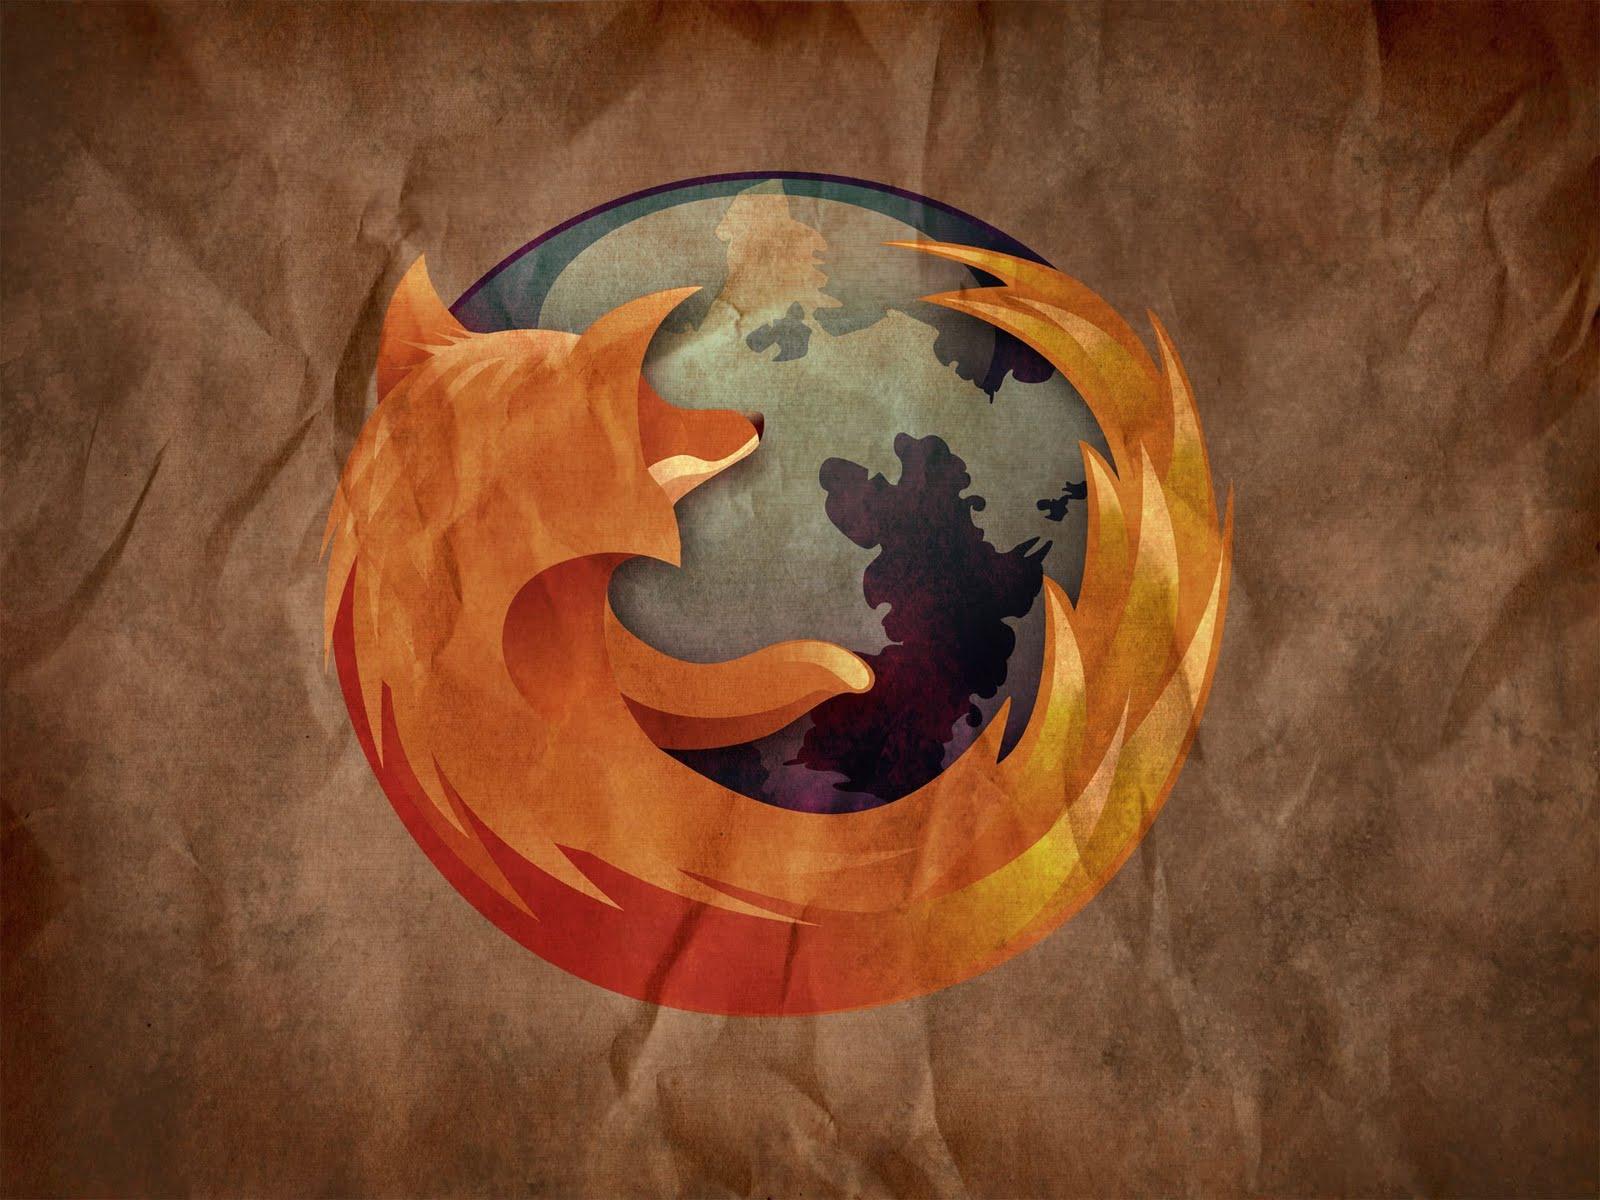 http://1.bp.blogspot.com/_2UbsSBz9ckE/SvIvxEuk29I/AAAAAAAAATU/O9RQ1ZvPujQ/s1600/Firefox%20hd%20wallpaper%202.jpg